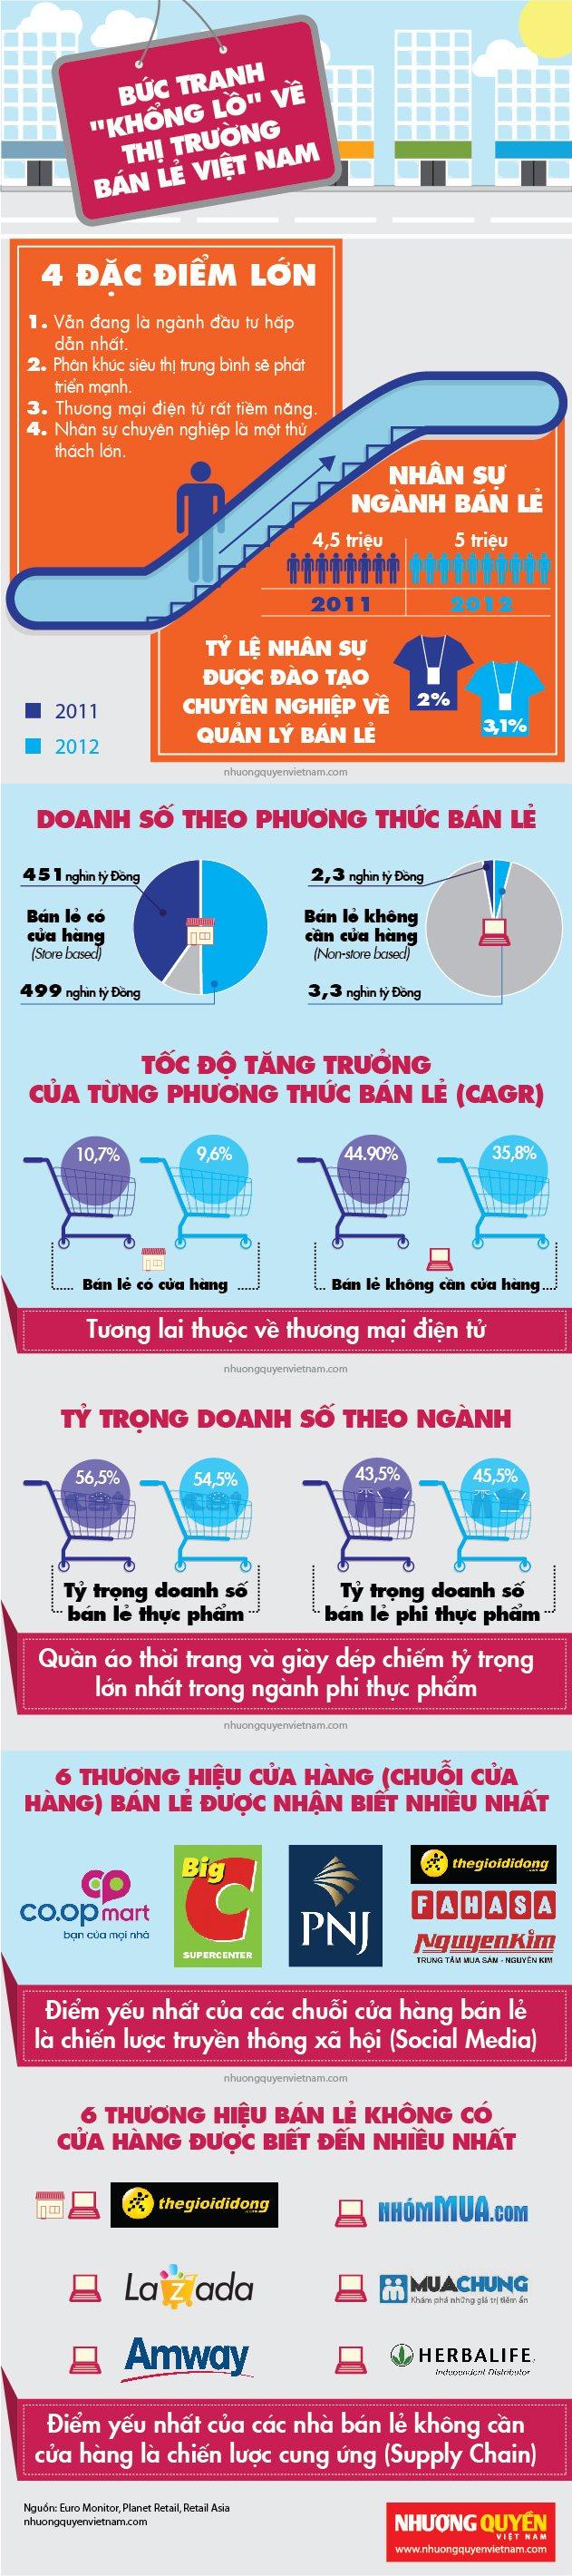 Thị trường bán lẻ VN 2012 - Nguồn: nhuongquyenvietnam.com